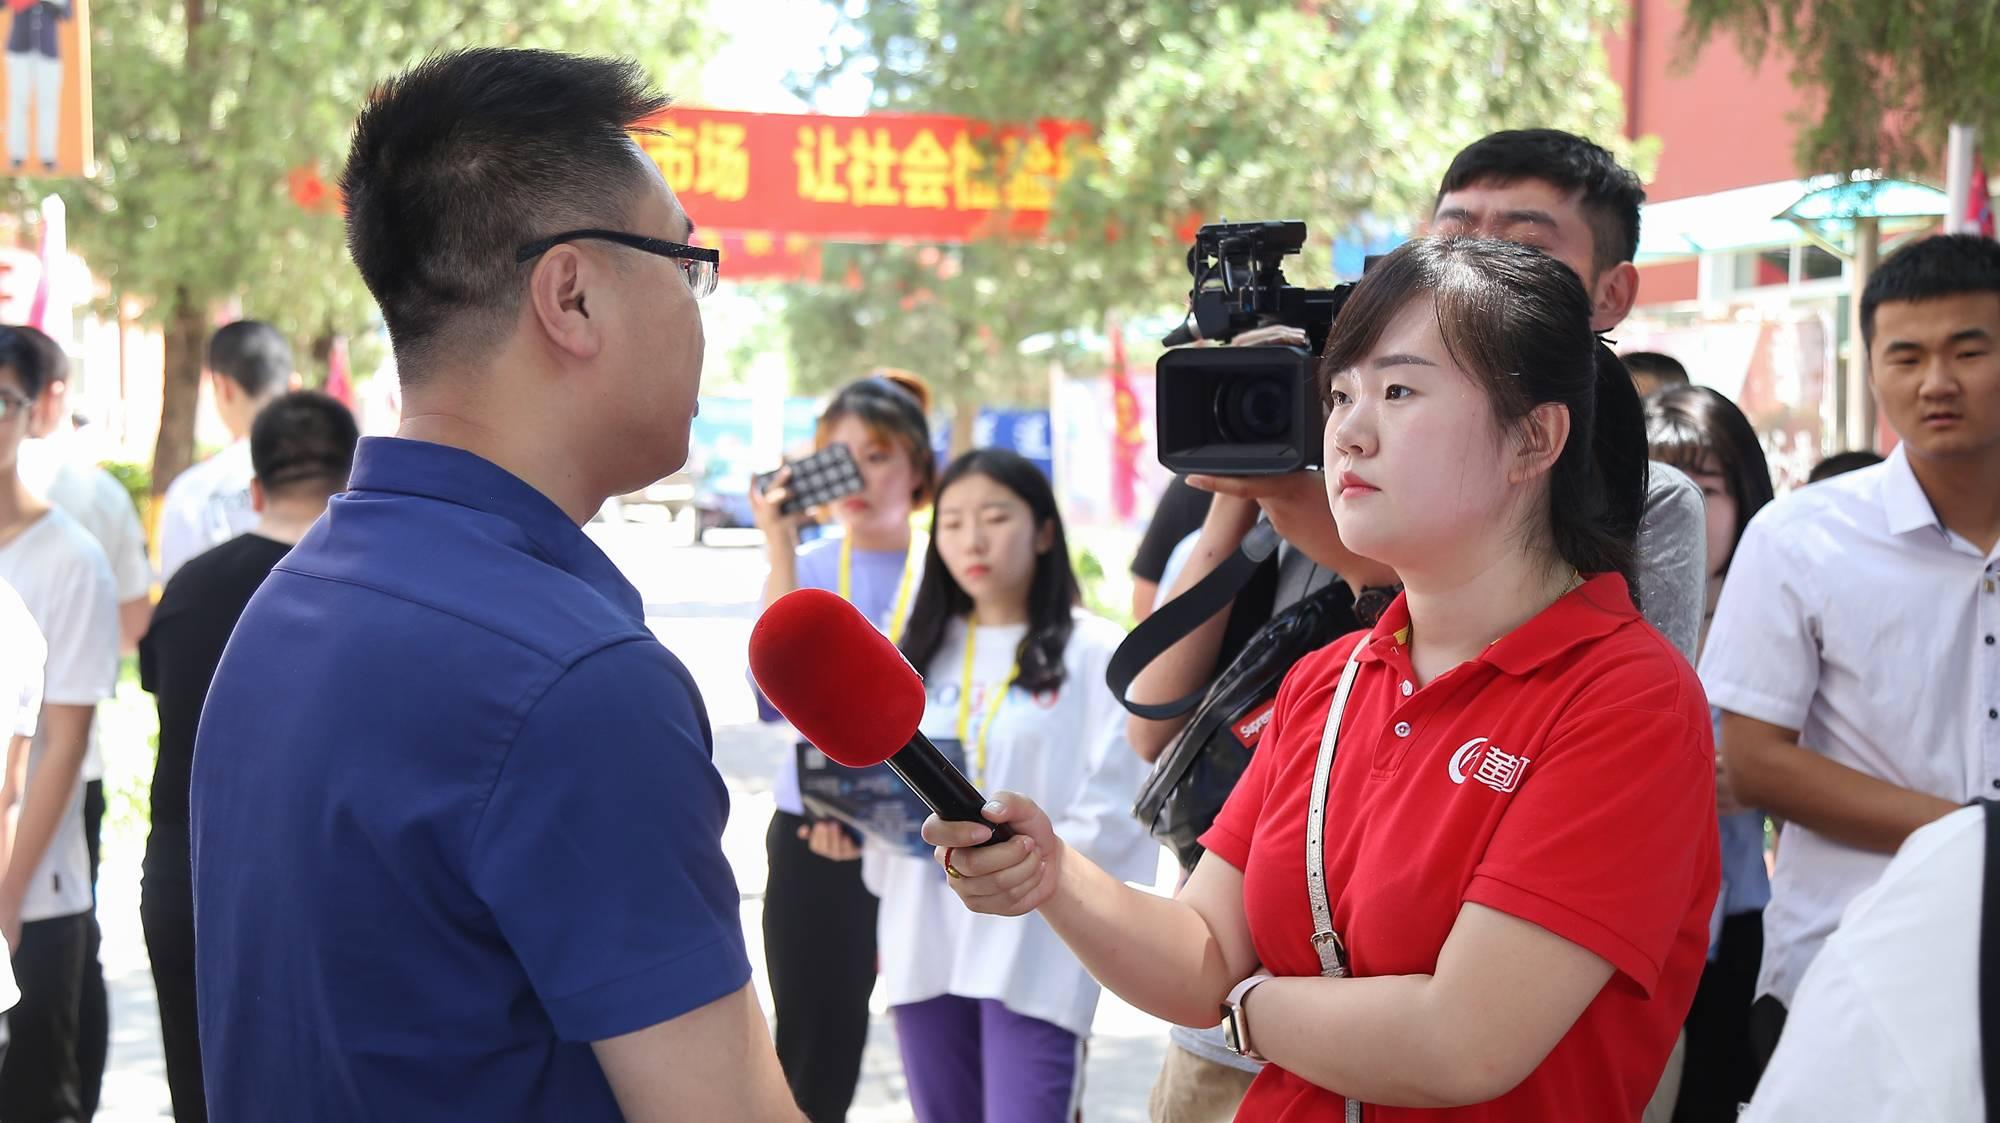 黄河电视台报道:互联网人才遭疯抢